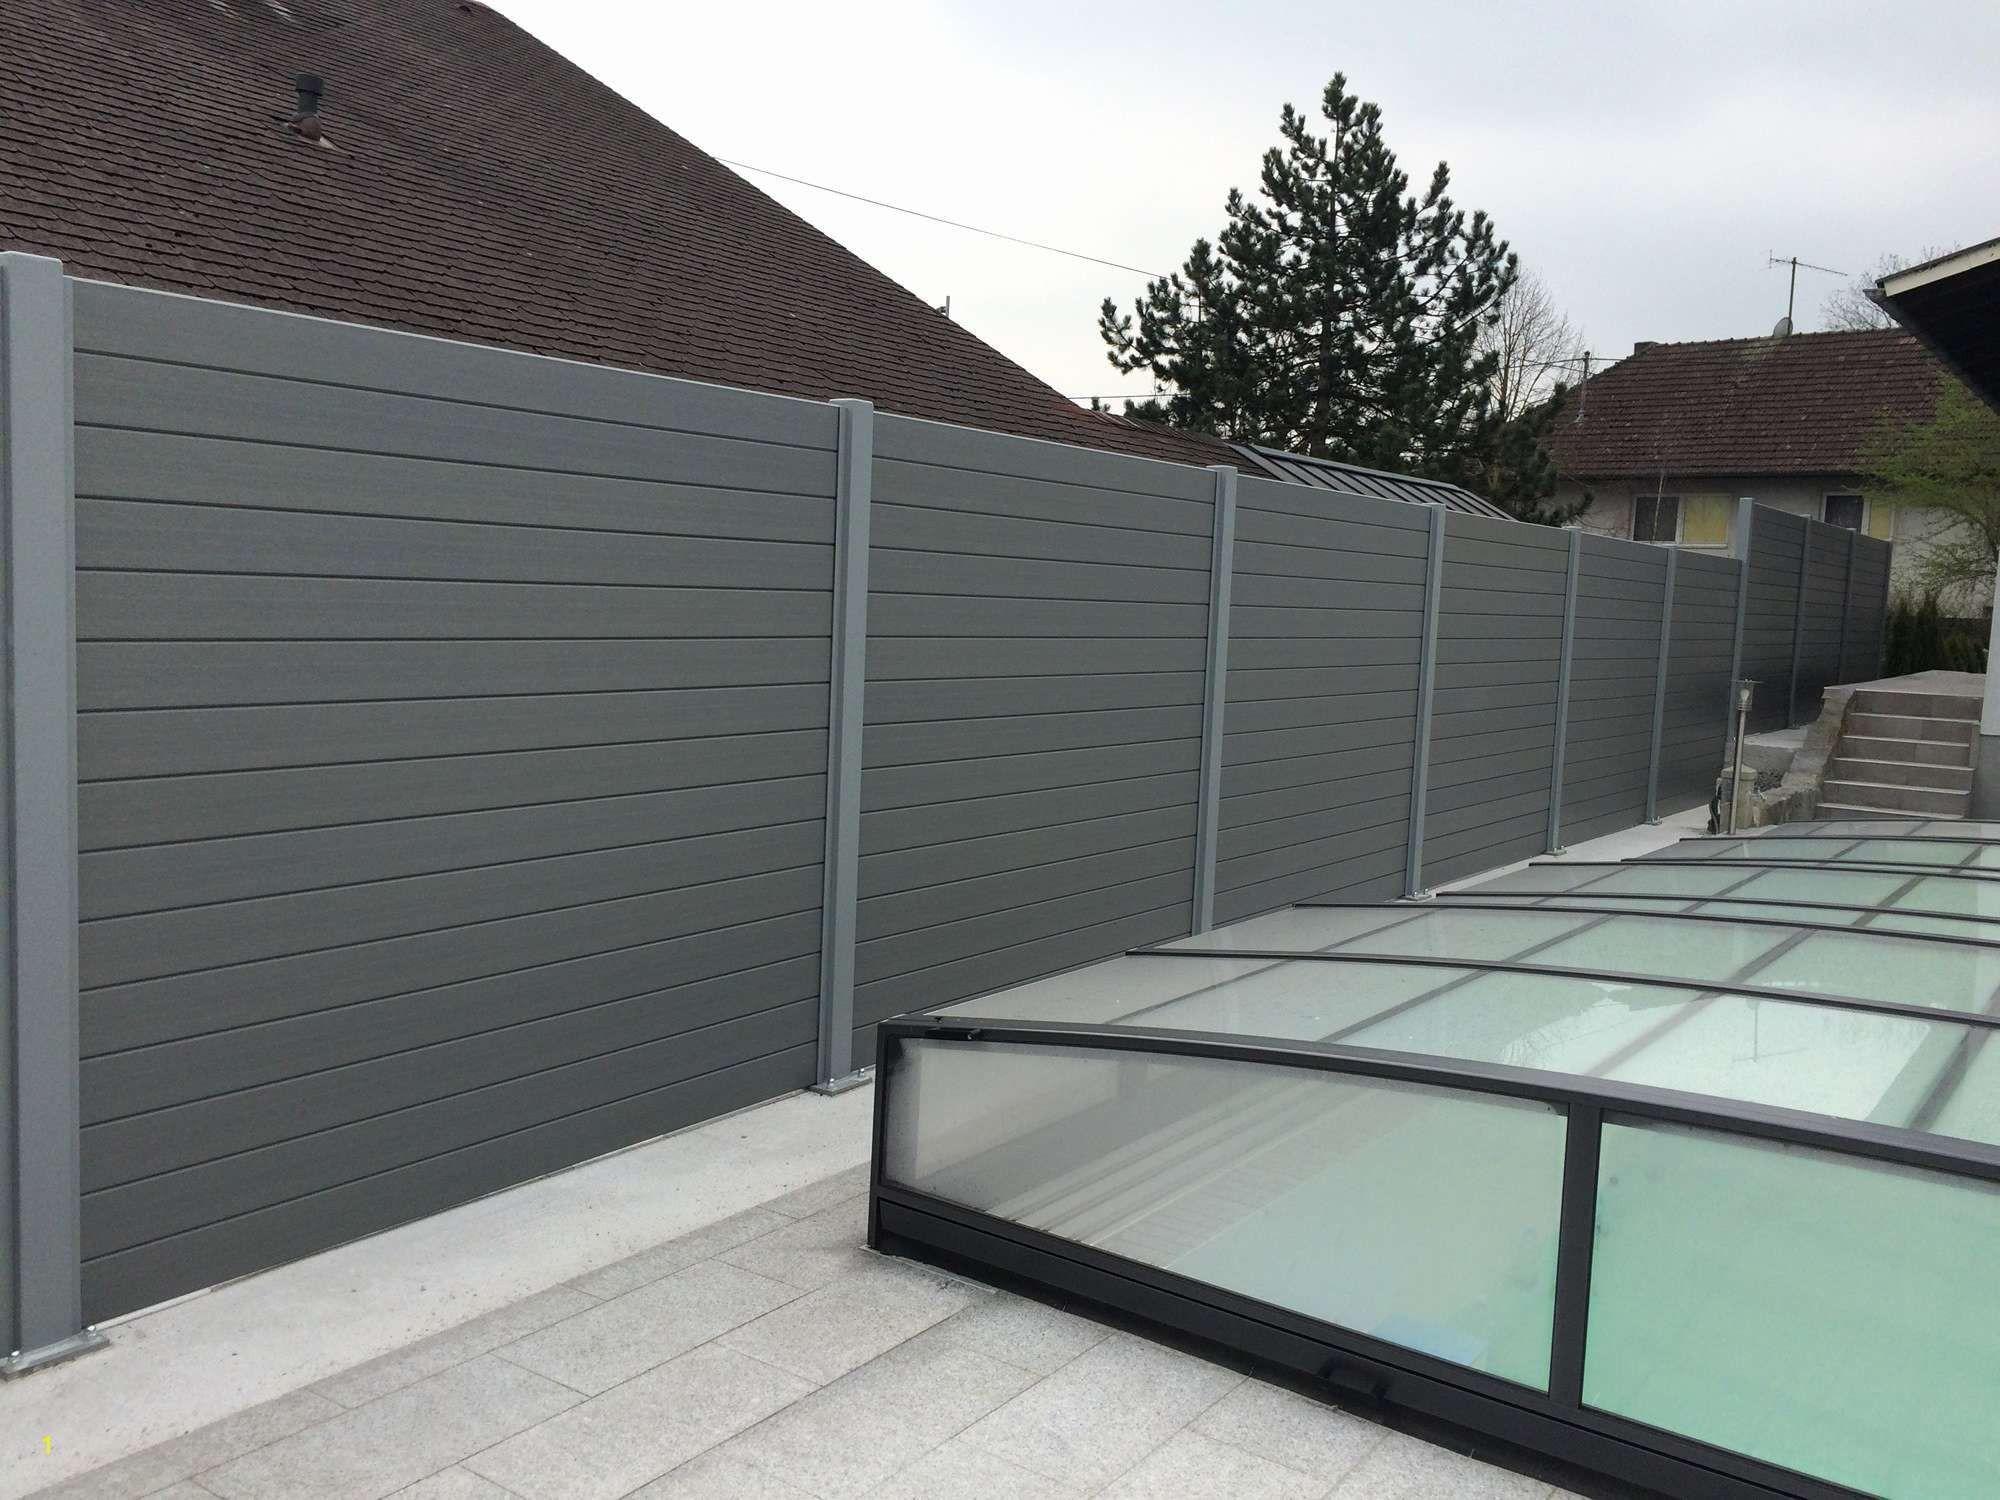 Oberteil 42 Zum Sichtschutz Terrasse Kunststoff Sichtschutz